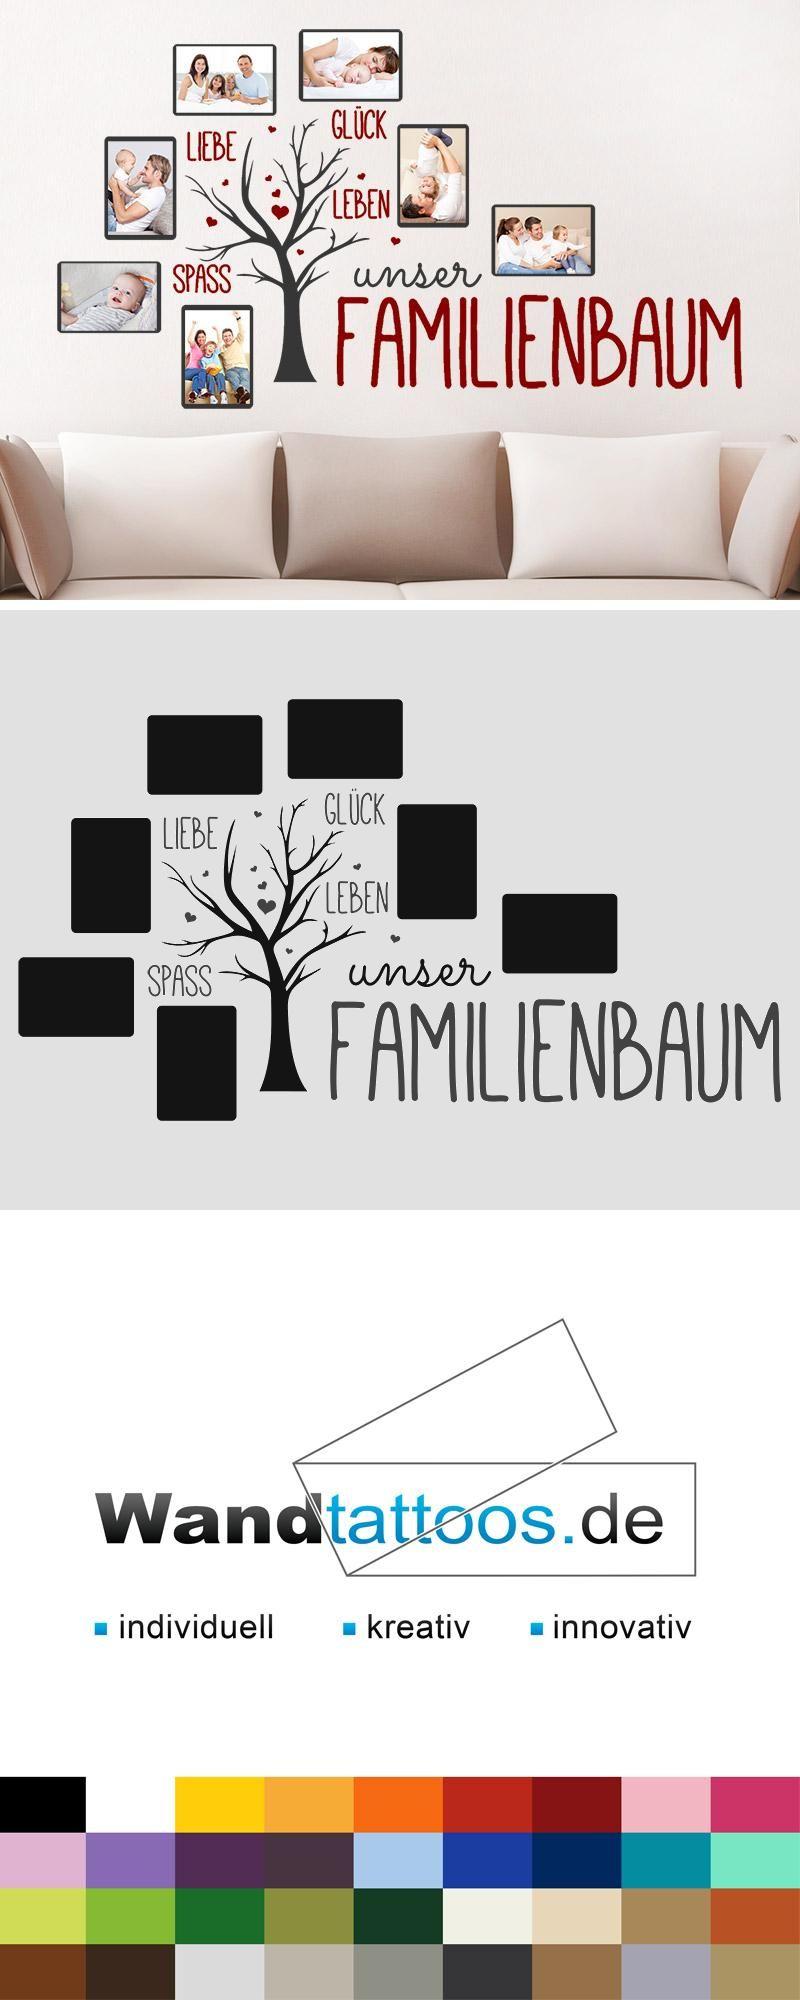 Wandtattoo Unser Familienbaum mit 7 Fotorahmen | Pinterest ...